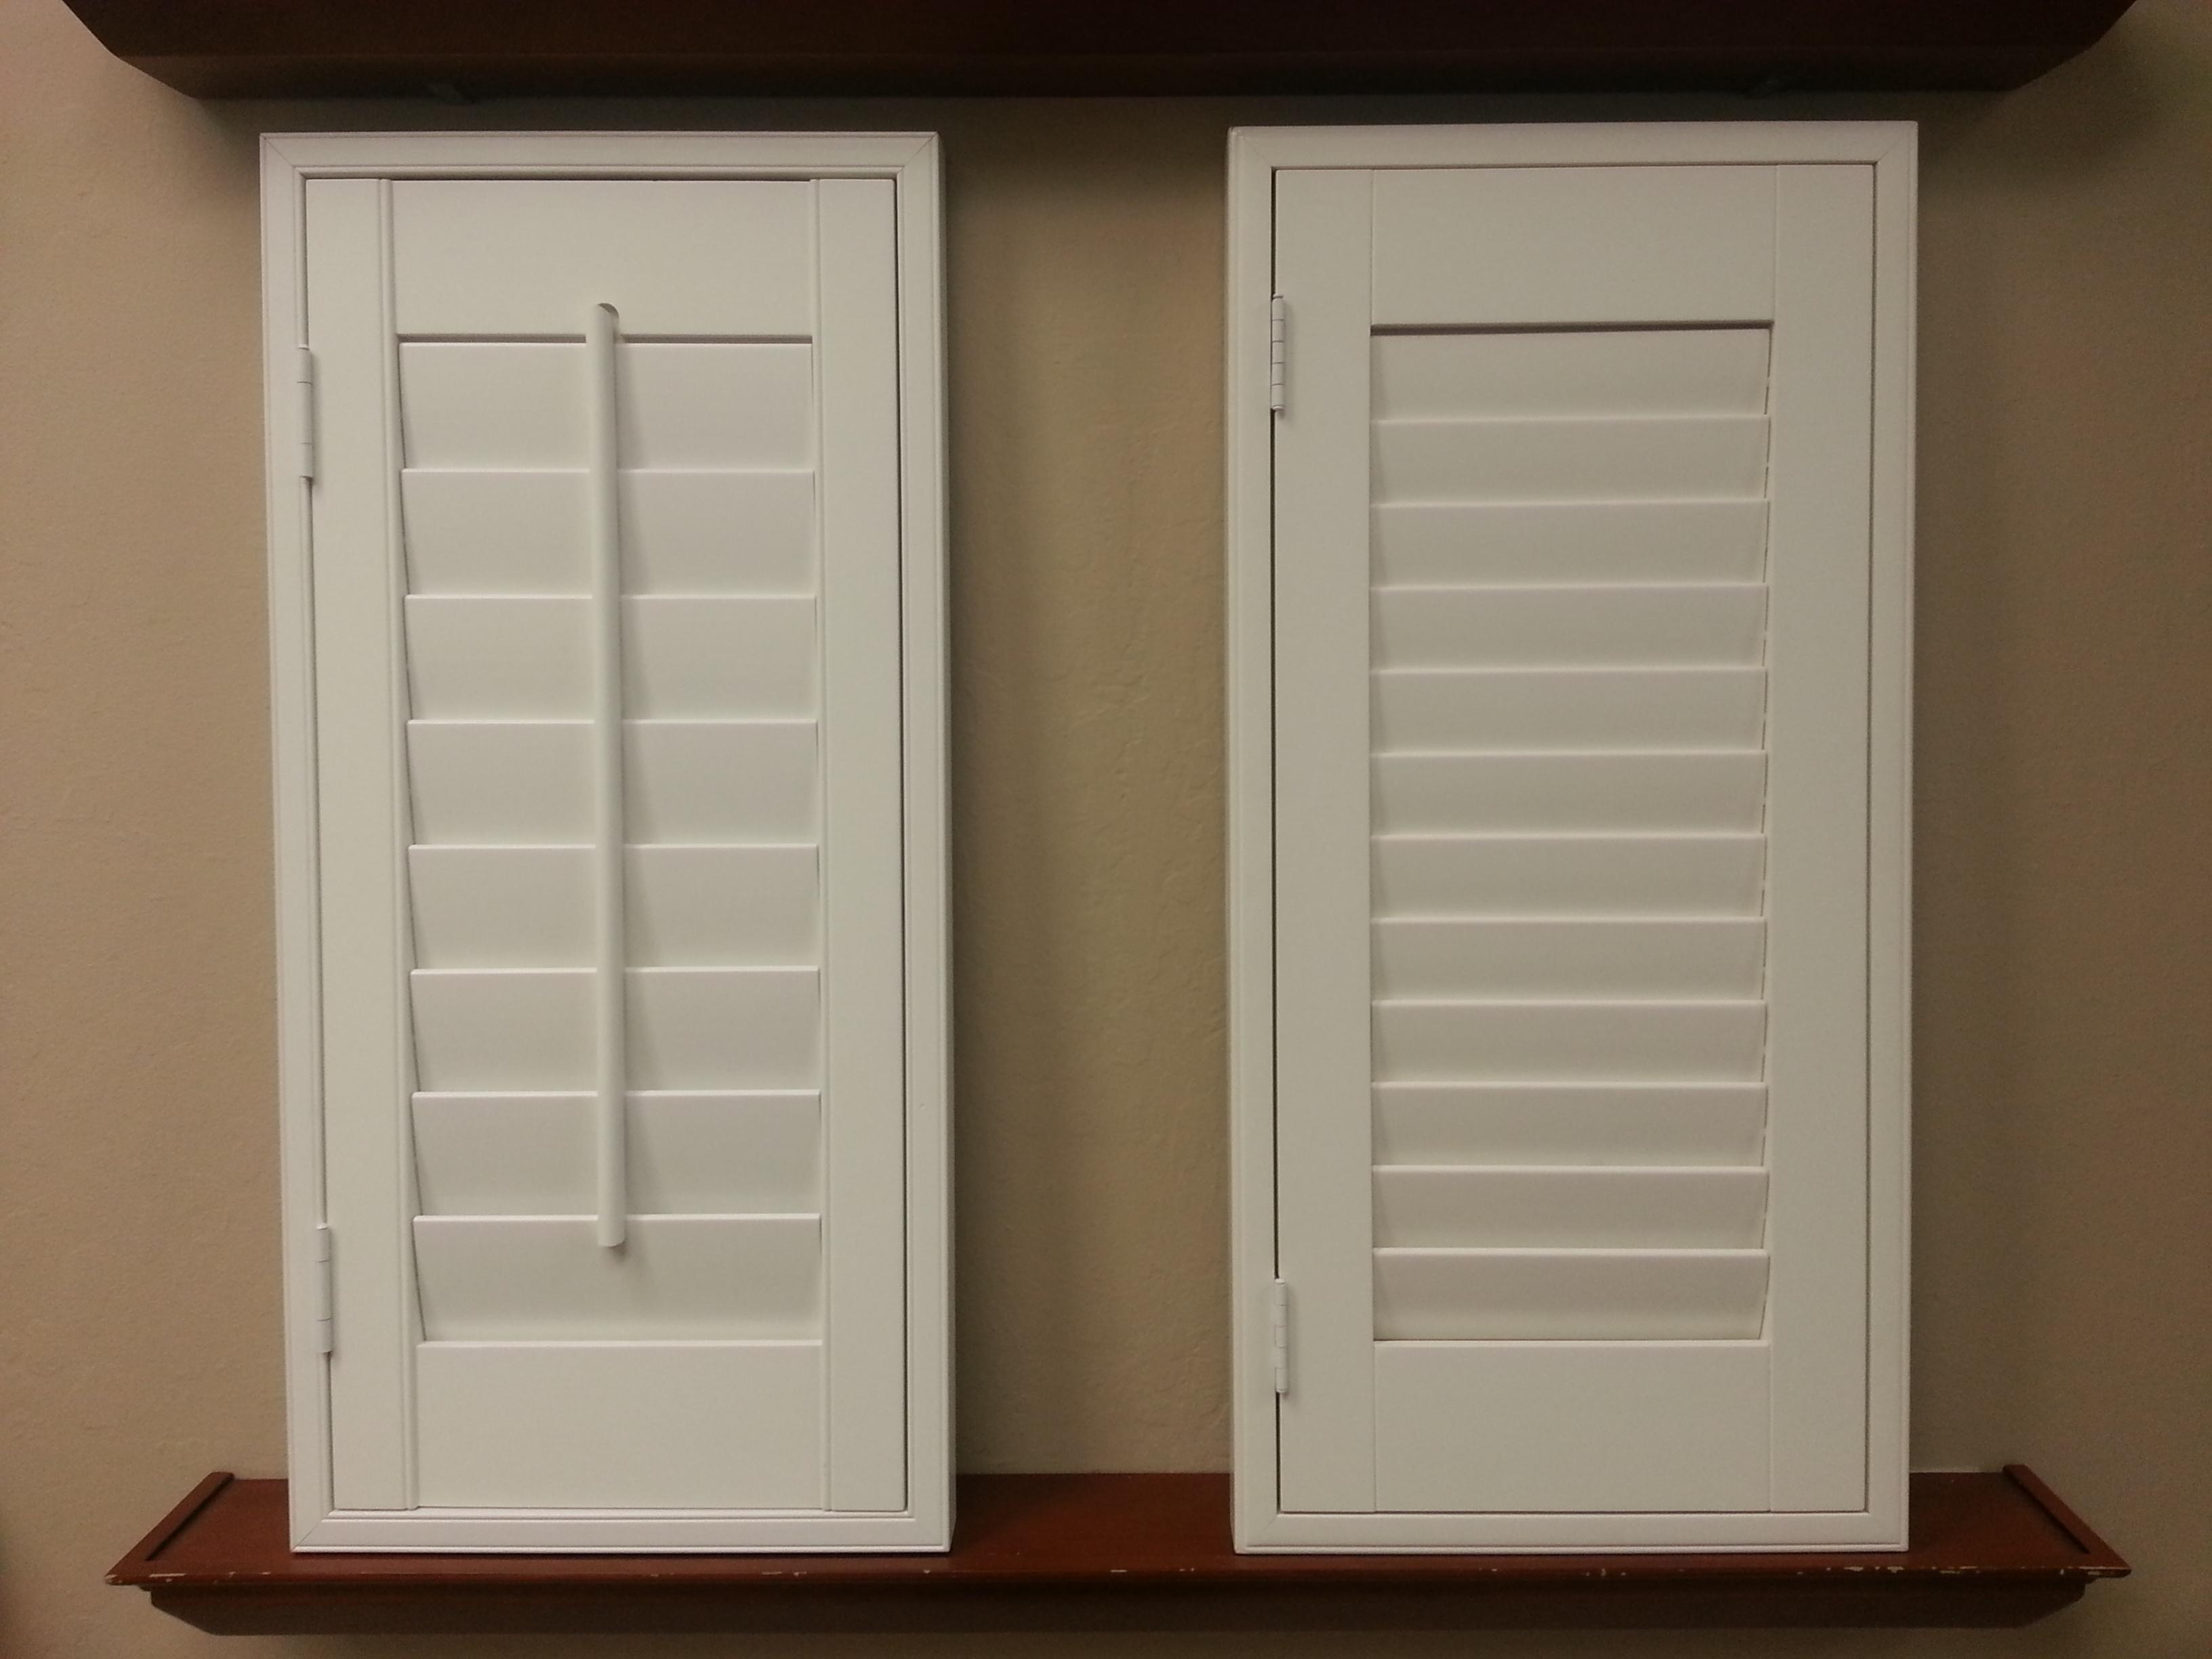 window shutters plantation shutter standard tilt bar next to a clearview hidden tilt ODTMHHW